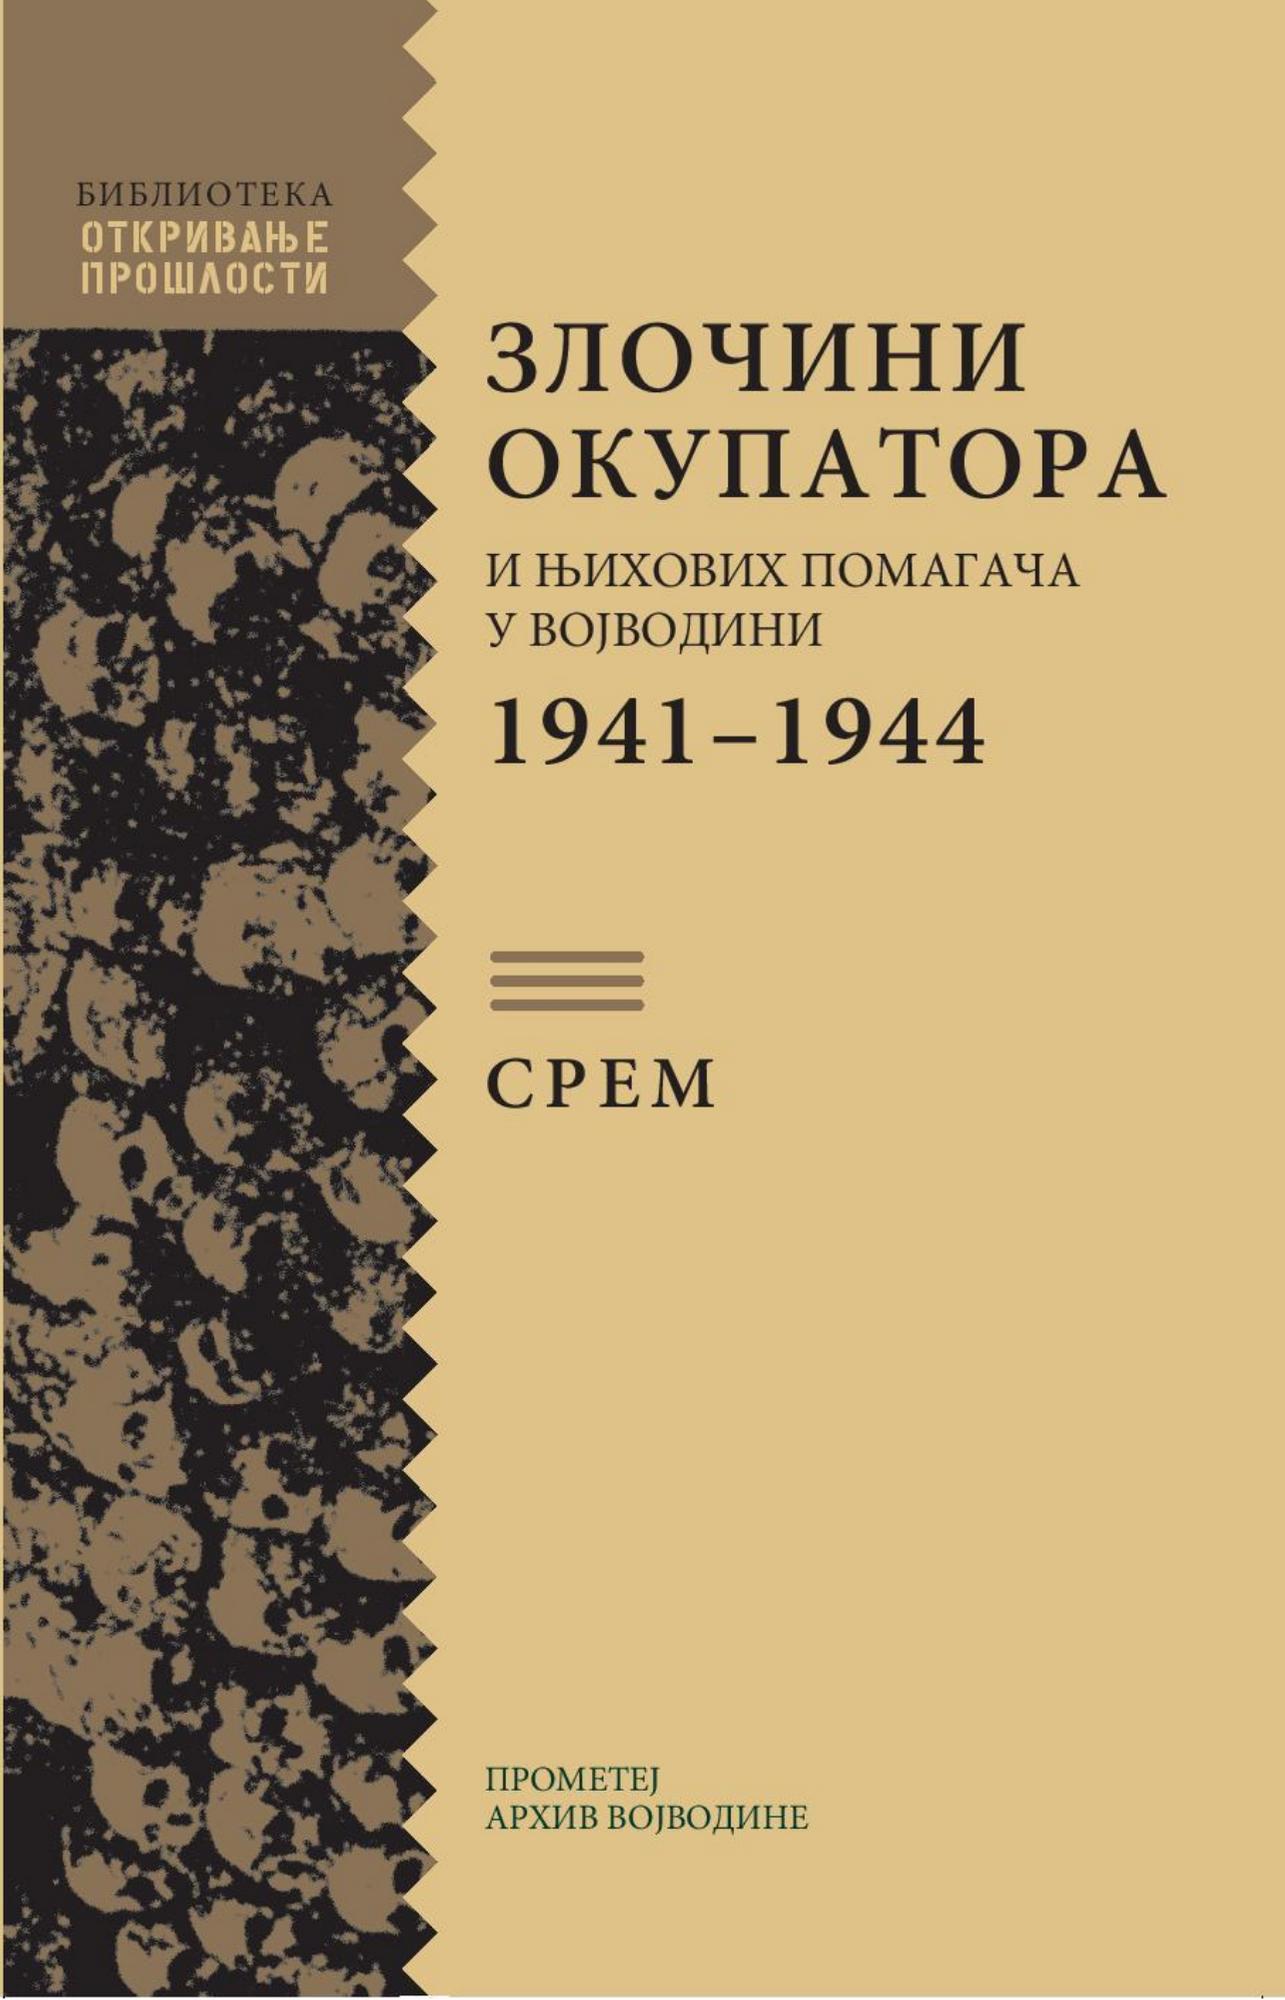 Злочини окупатора и њихових помагача у Војводини 1941-1944: СРЕМ